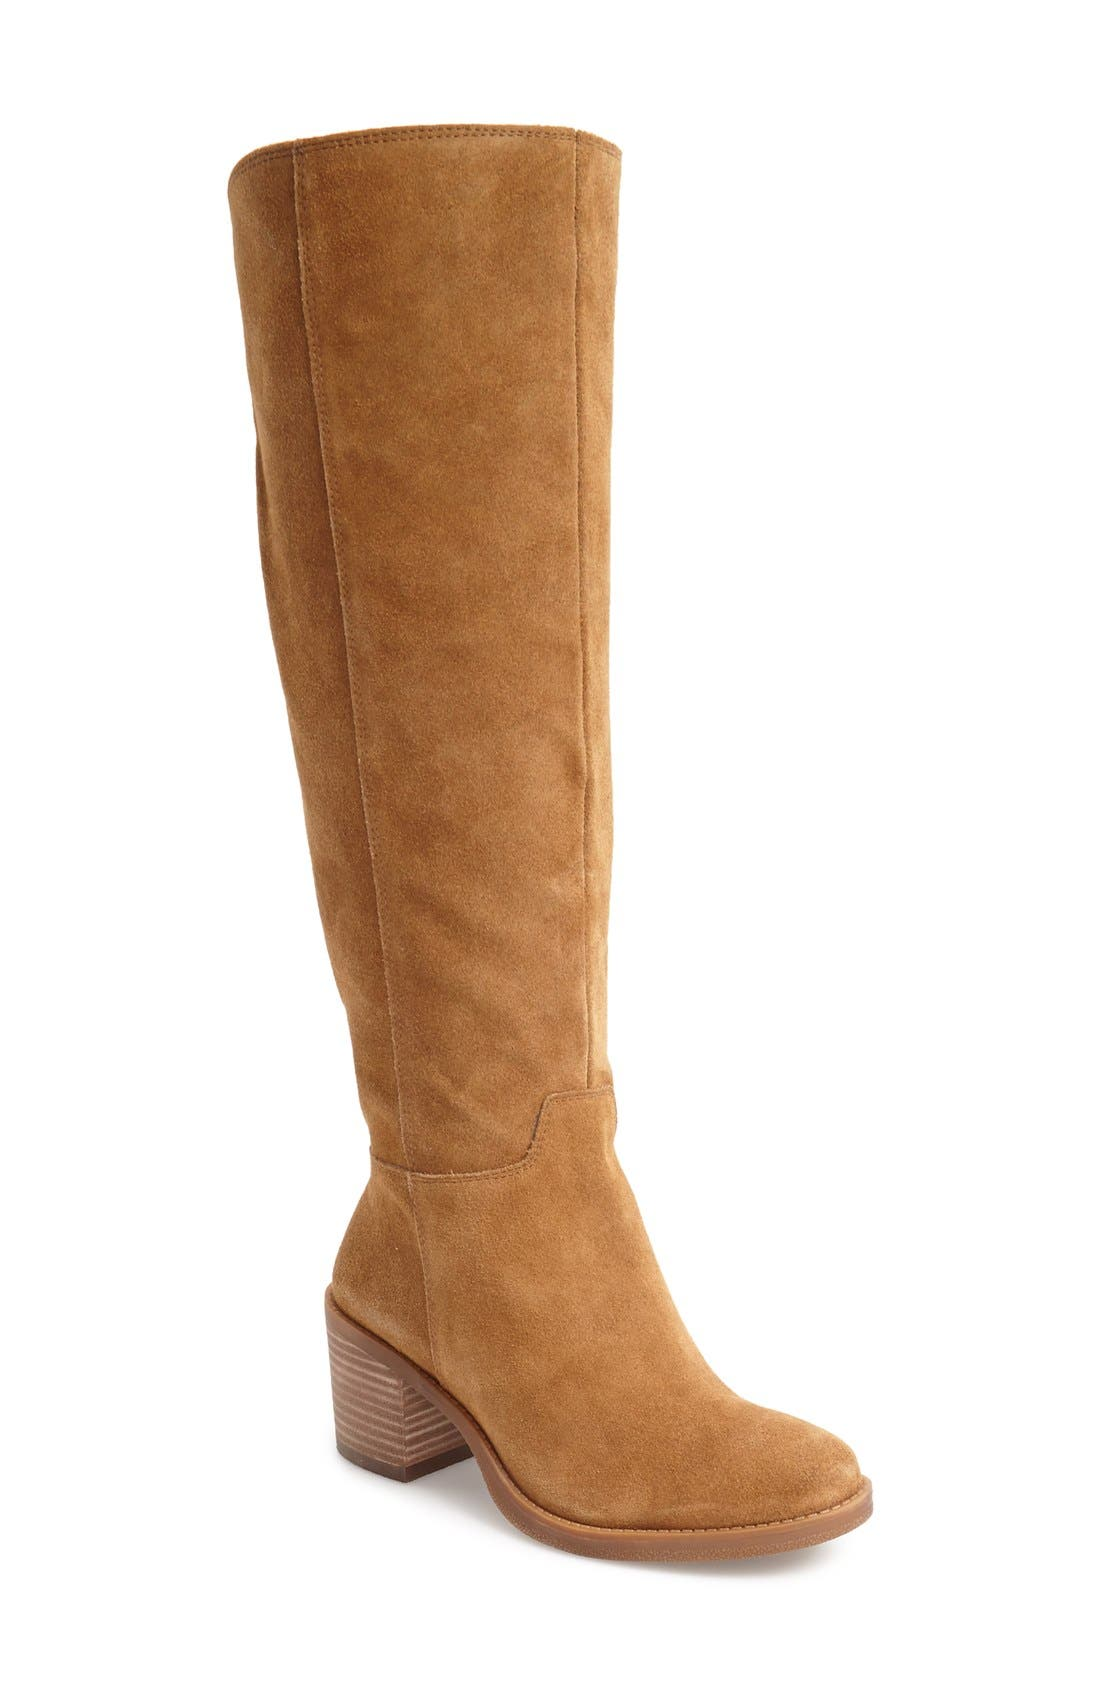 Main Image - Lucky Brand Ritten Tall Boot (Women)